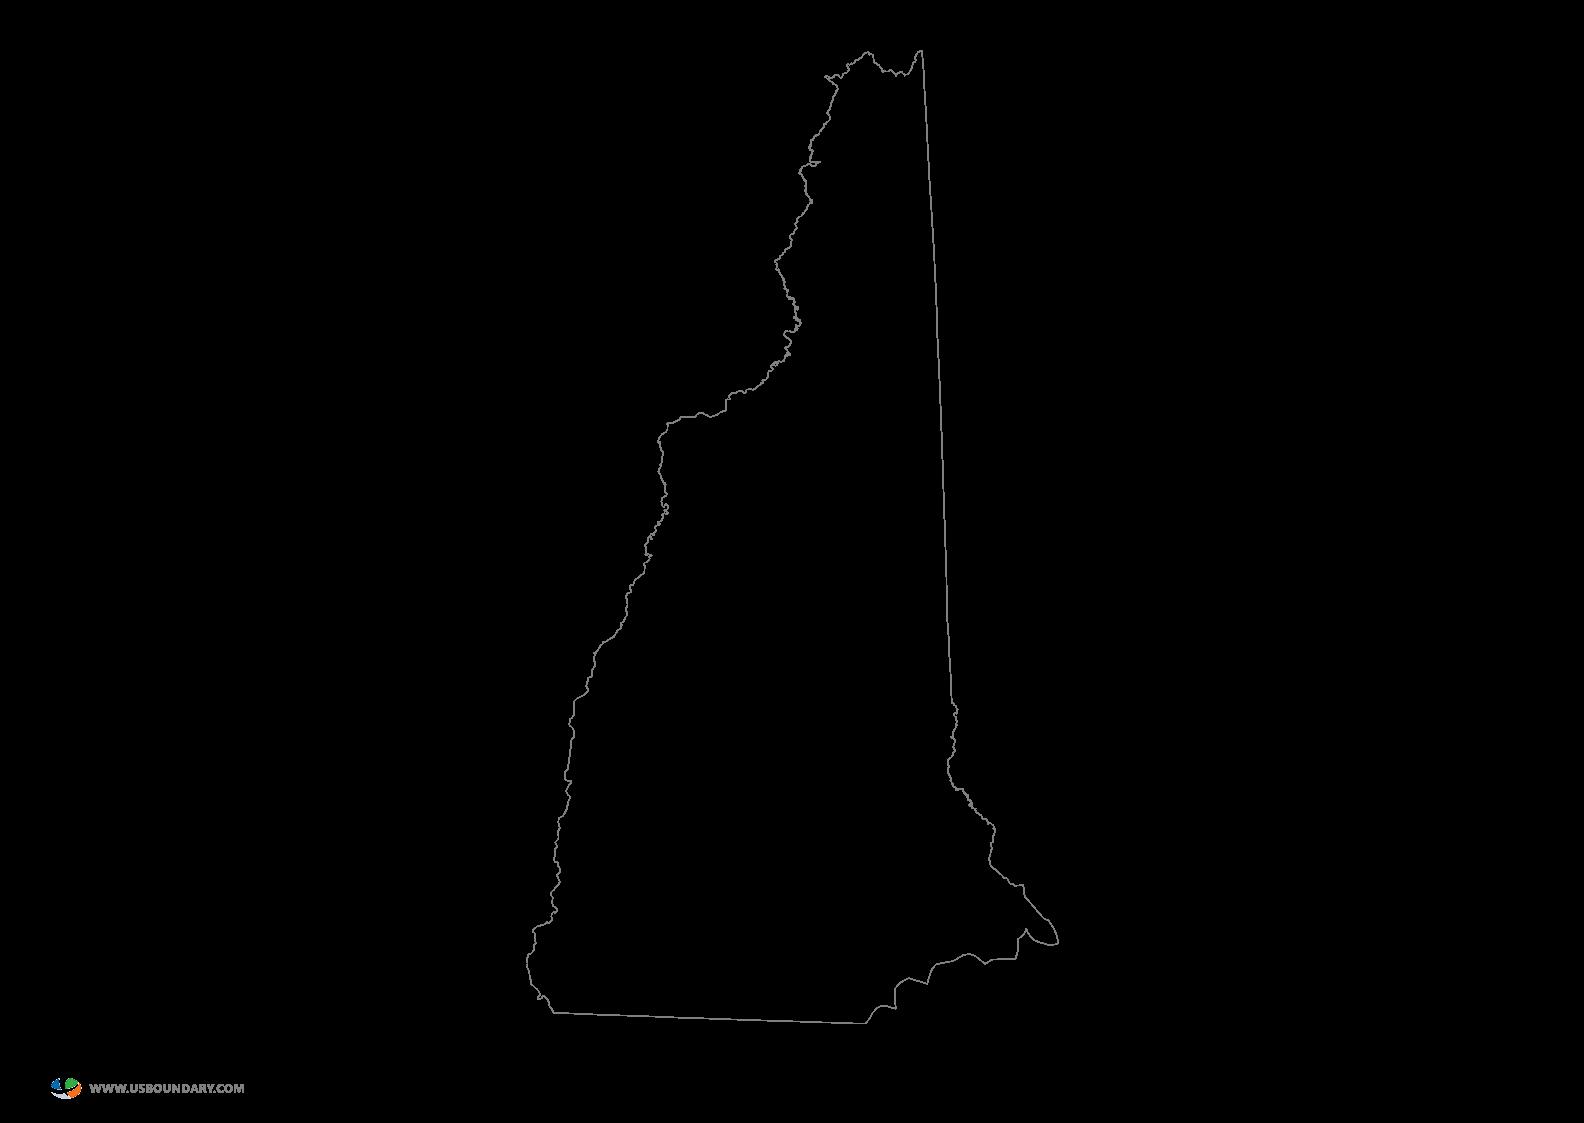 Idaho Outline Vector